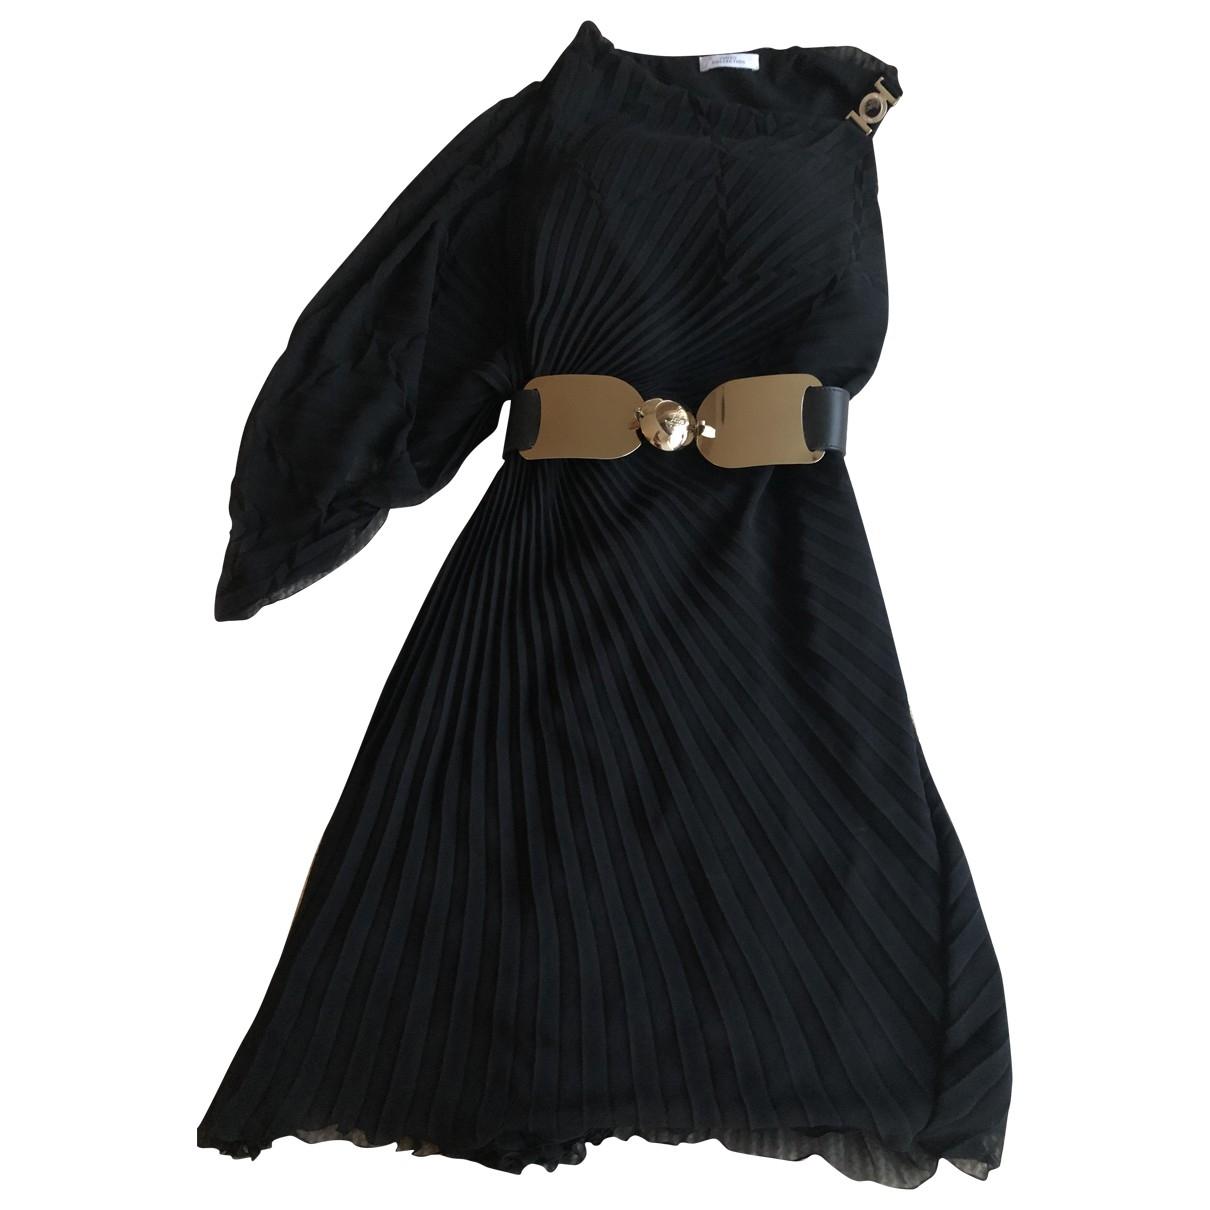 Gianni Versace \N Kleid in  Schwarz Polyester